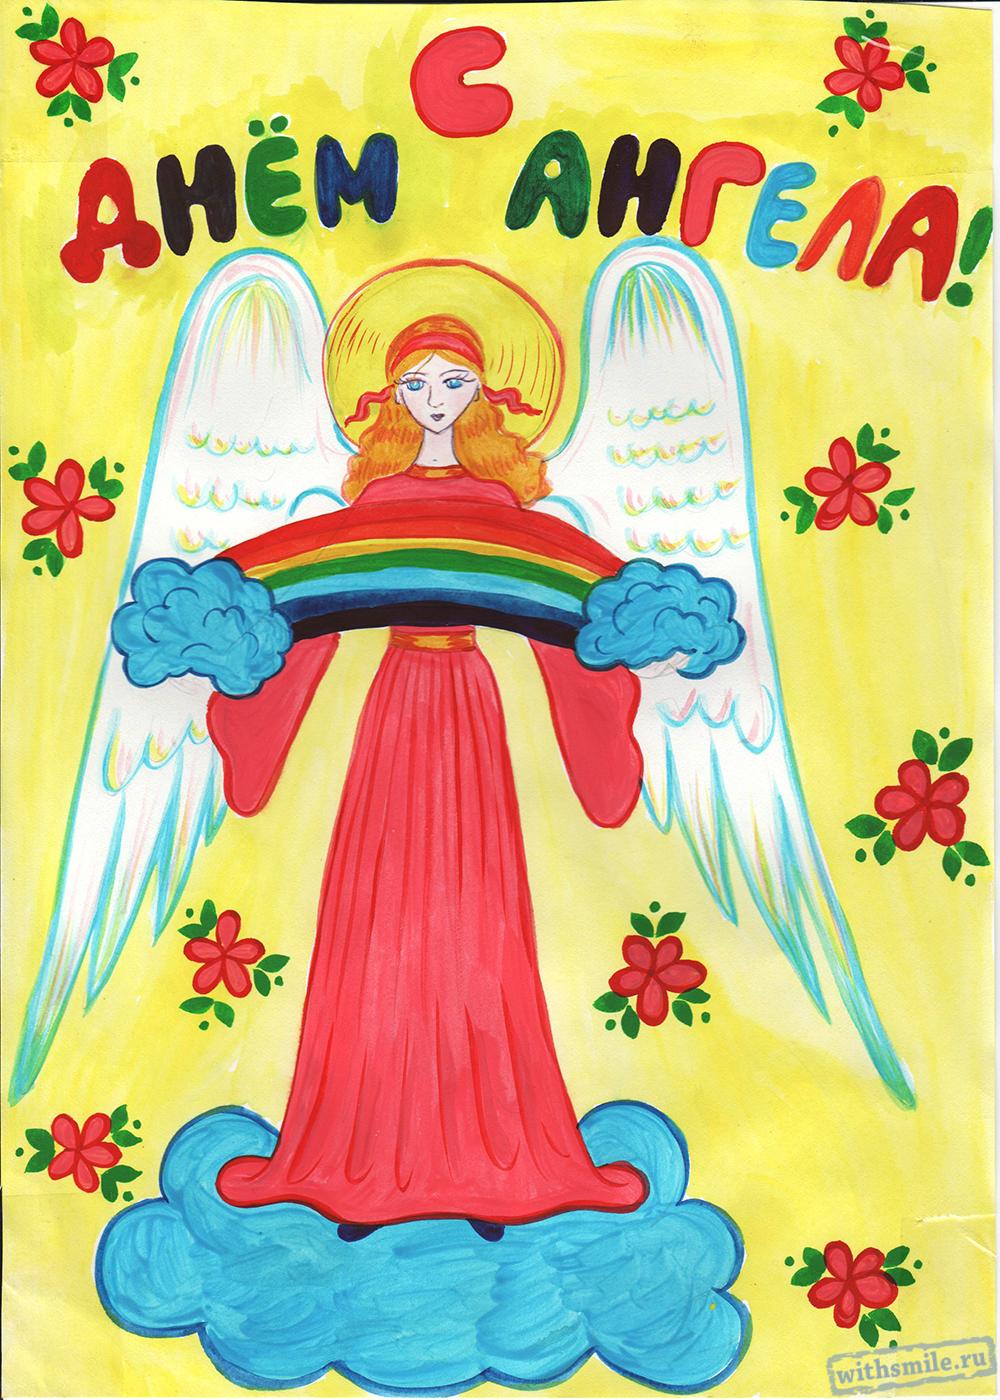 Поздравления с днём ангела наталью